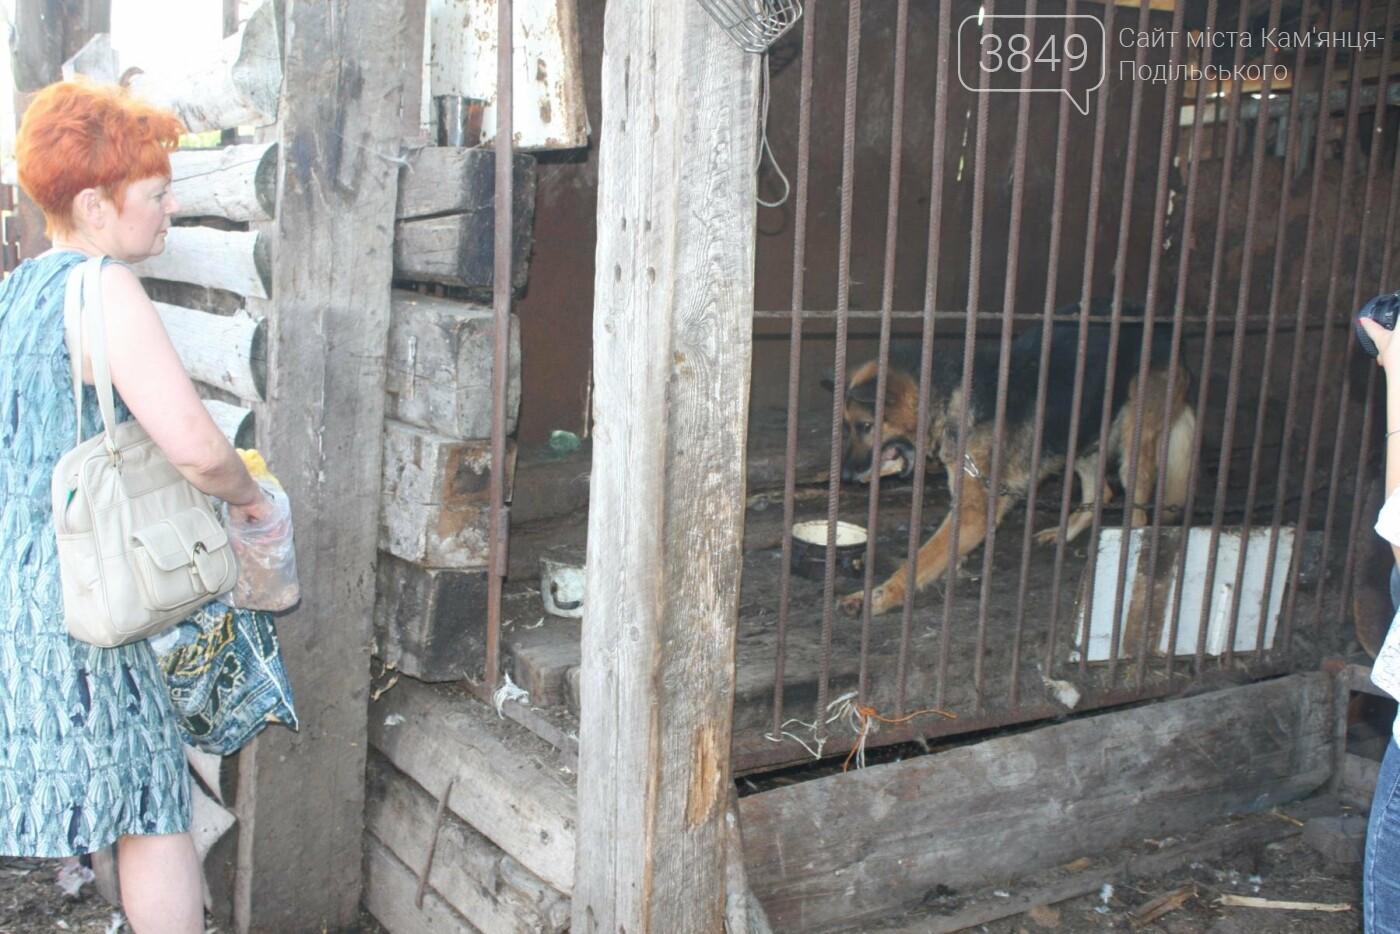 """В Кам'янці відбулось """"народне віче"""" щодо жорстокого поводження з тваринами, фото-10"""